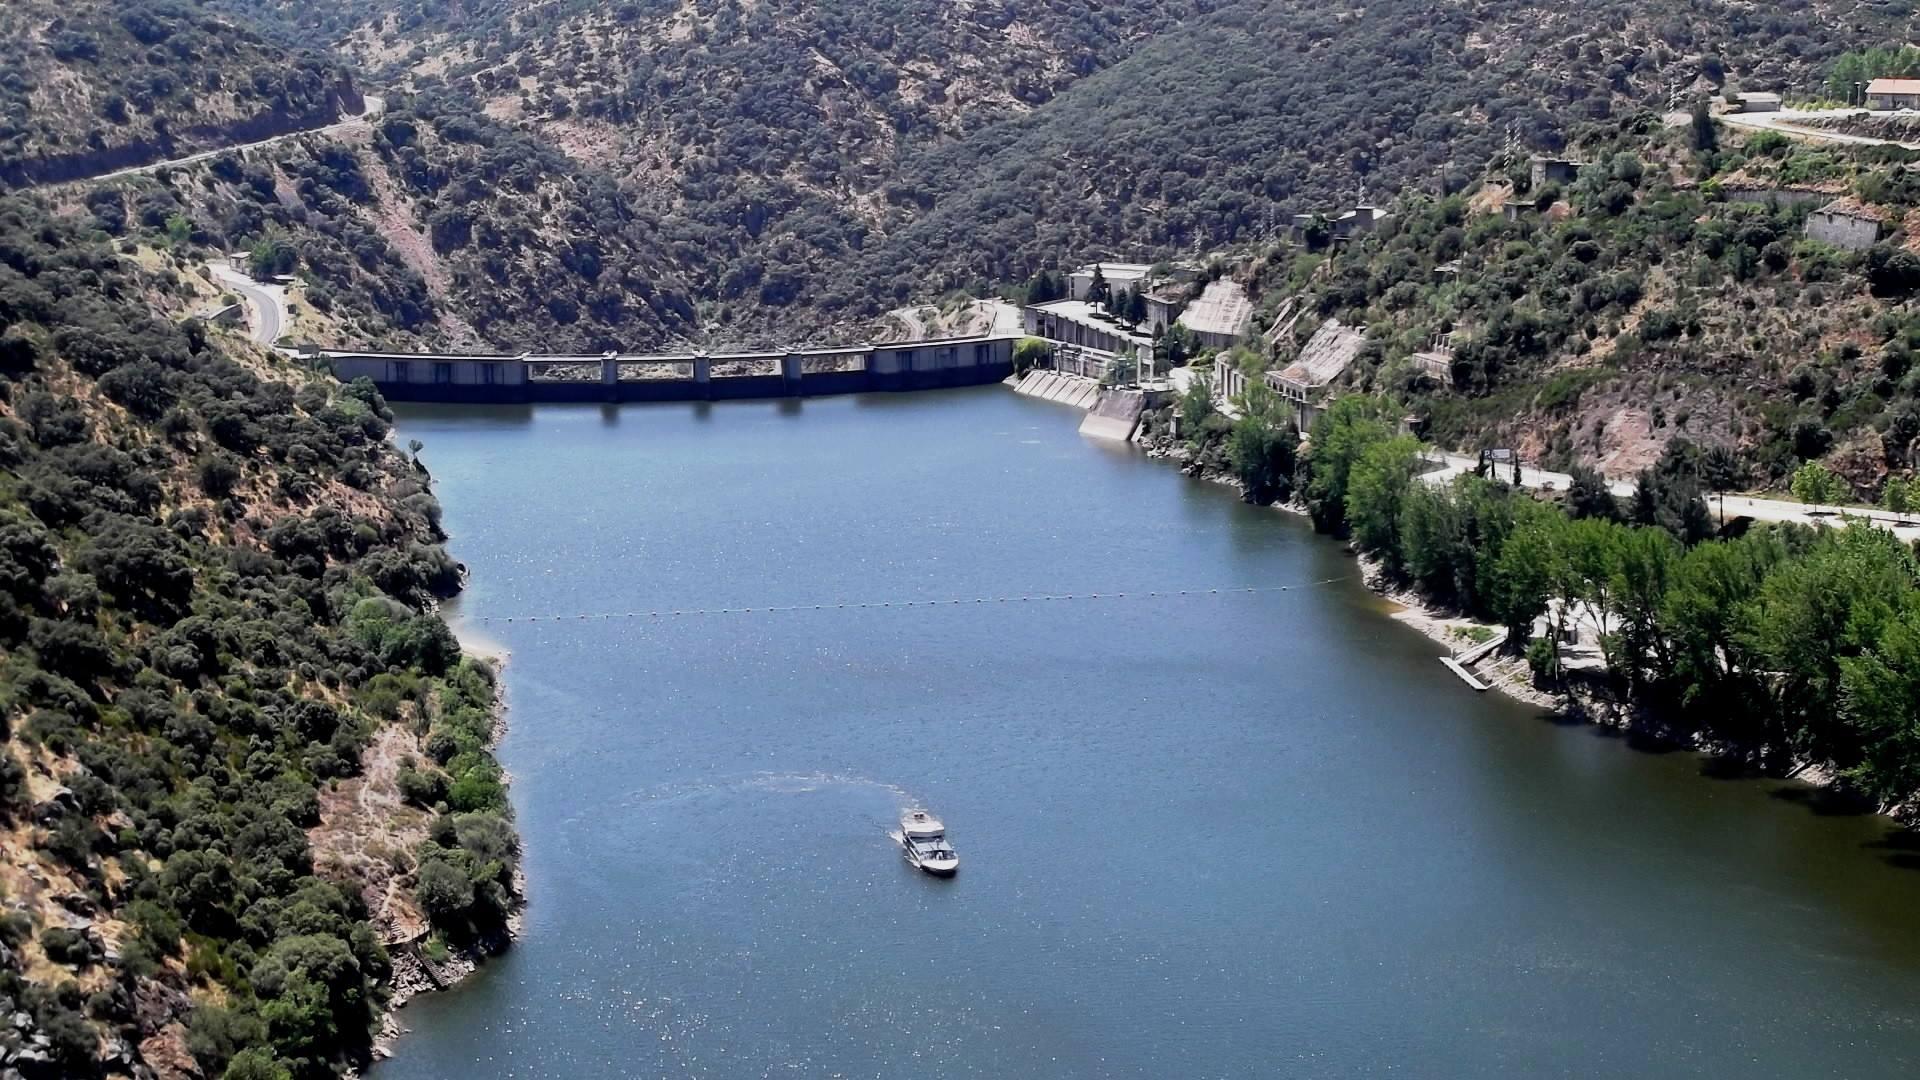 Manifesto exige contrapartidas pela exploração das barragens do Douro Internacional